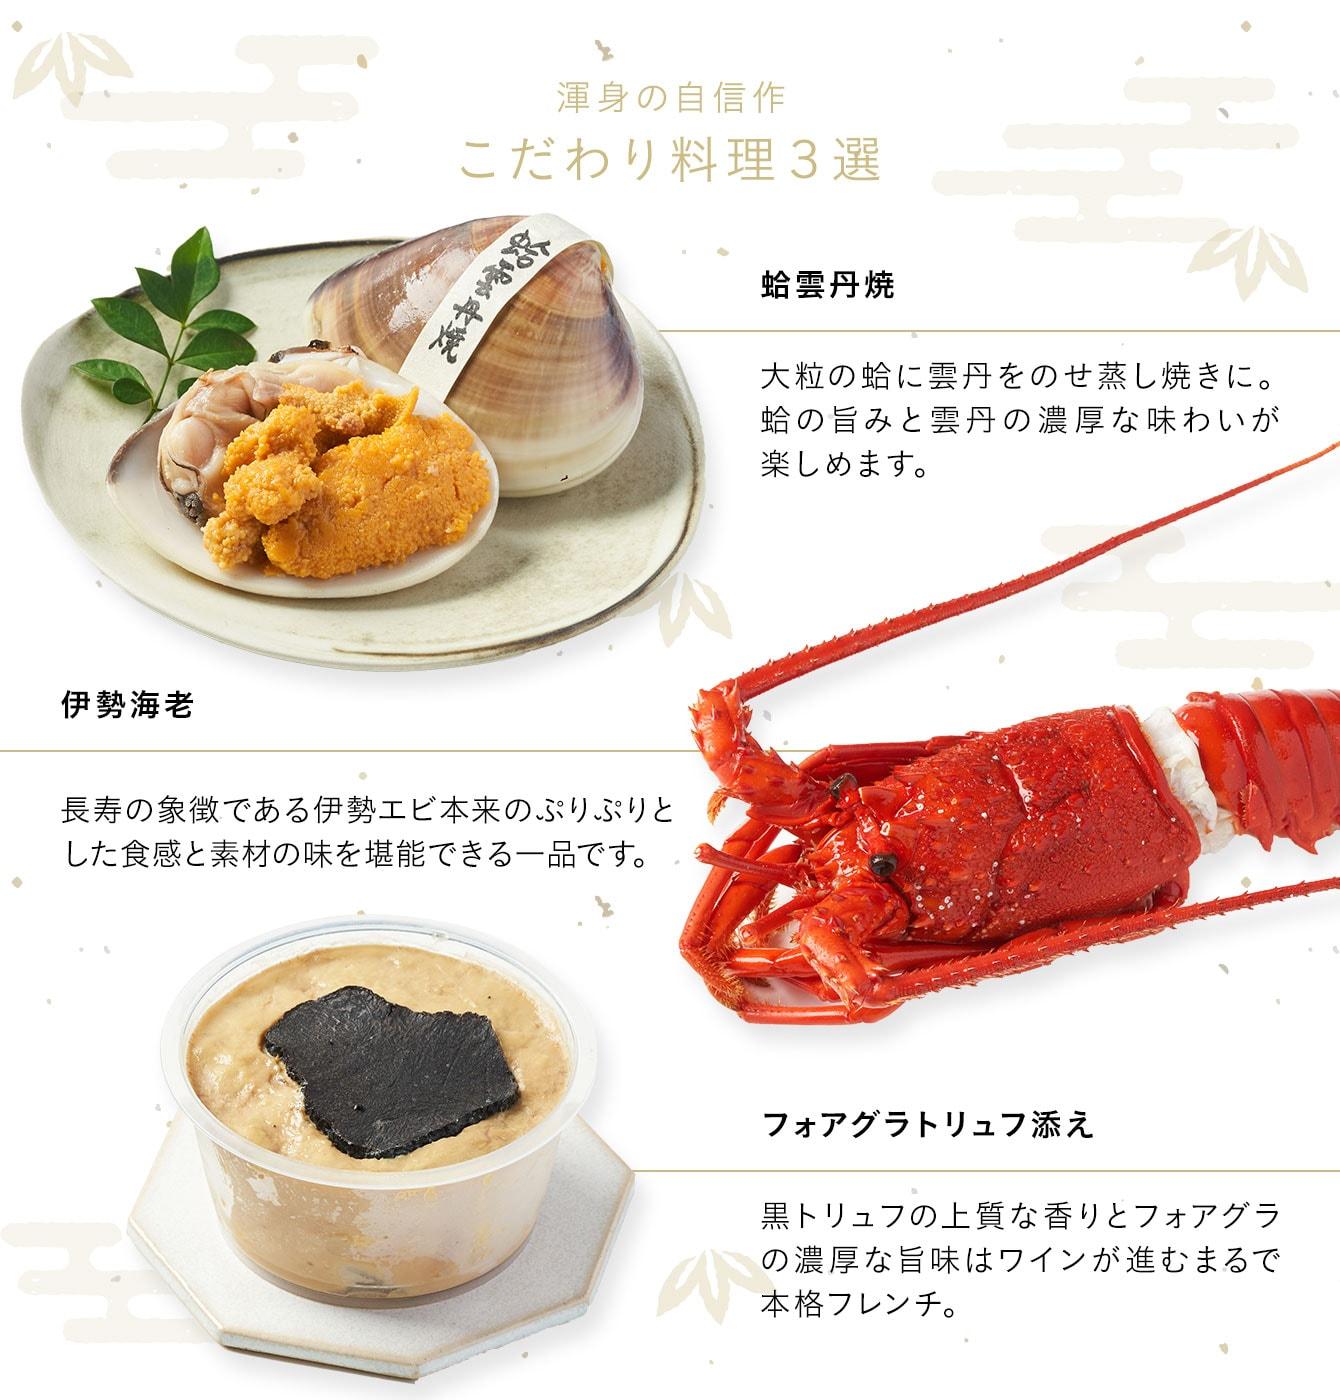 一の重 渾身の自信作 こだわり料理3選 蛤雲丹焼、伊勢海老、フォアグラトリュフ添え